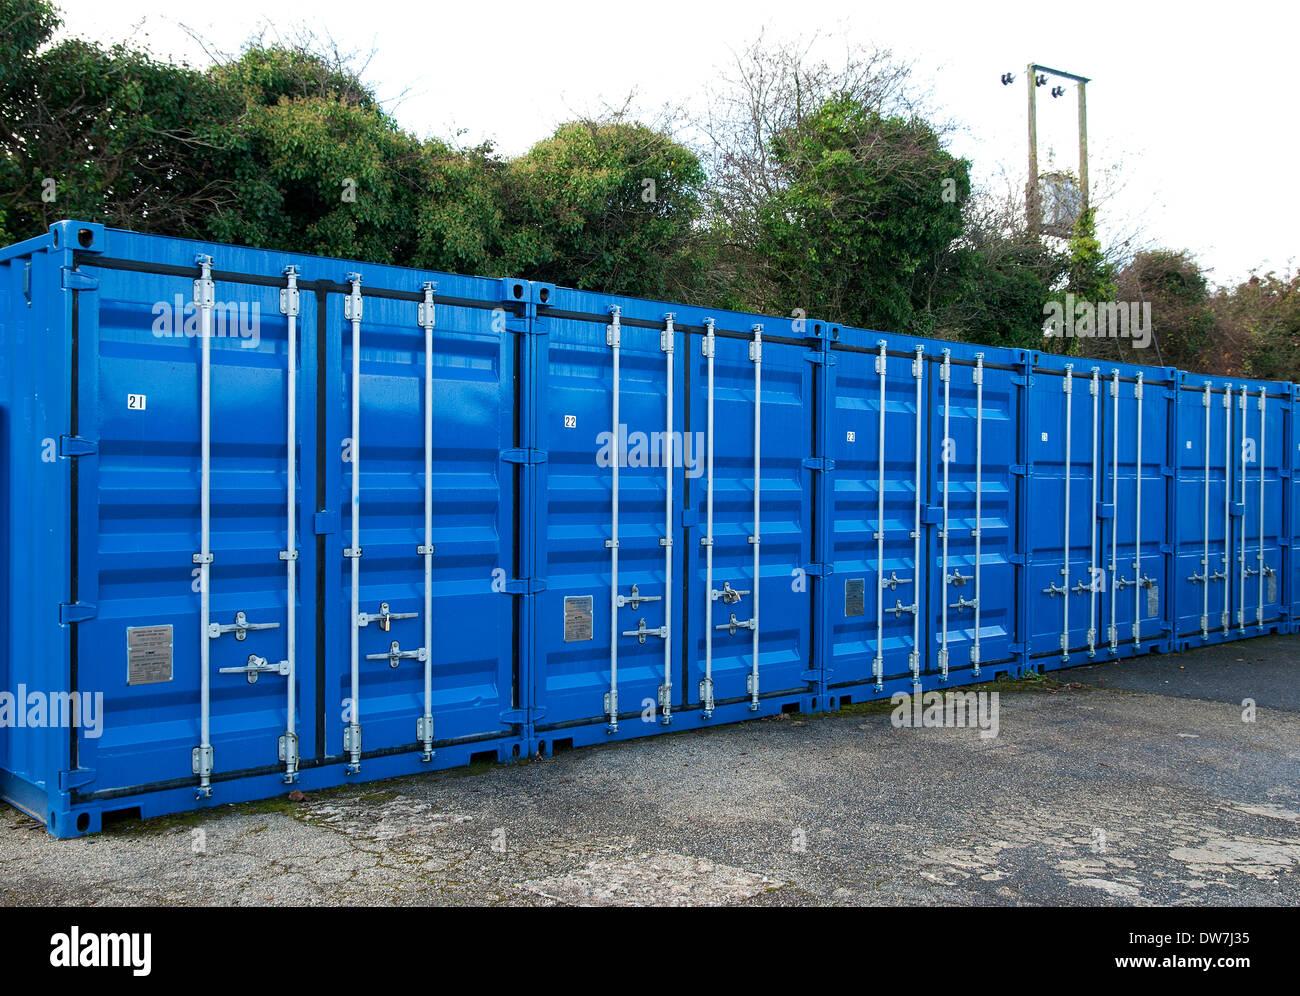 Verrou de sécurité métallique ups Photo Stock